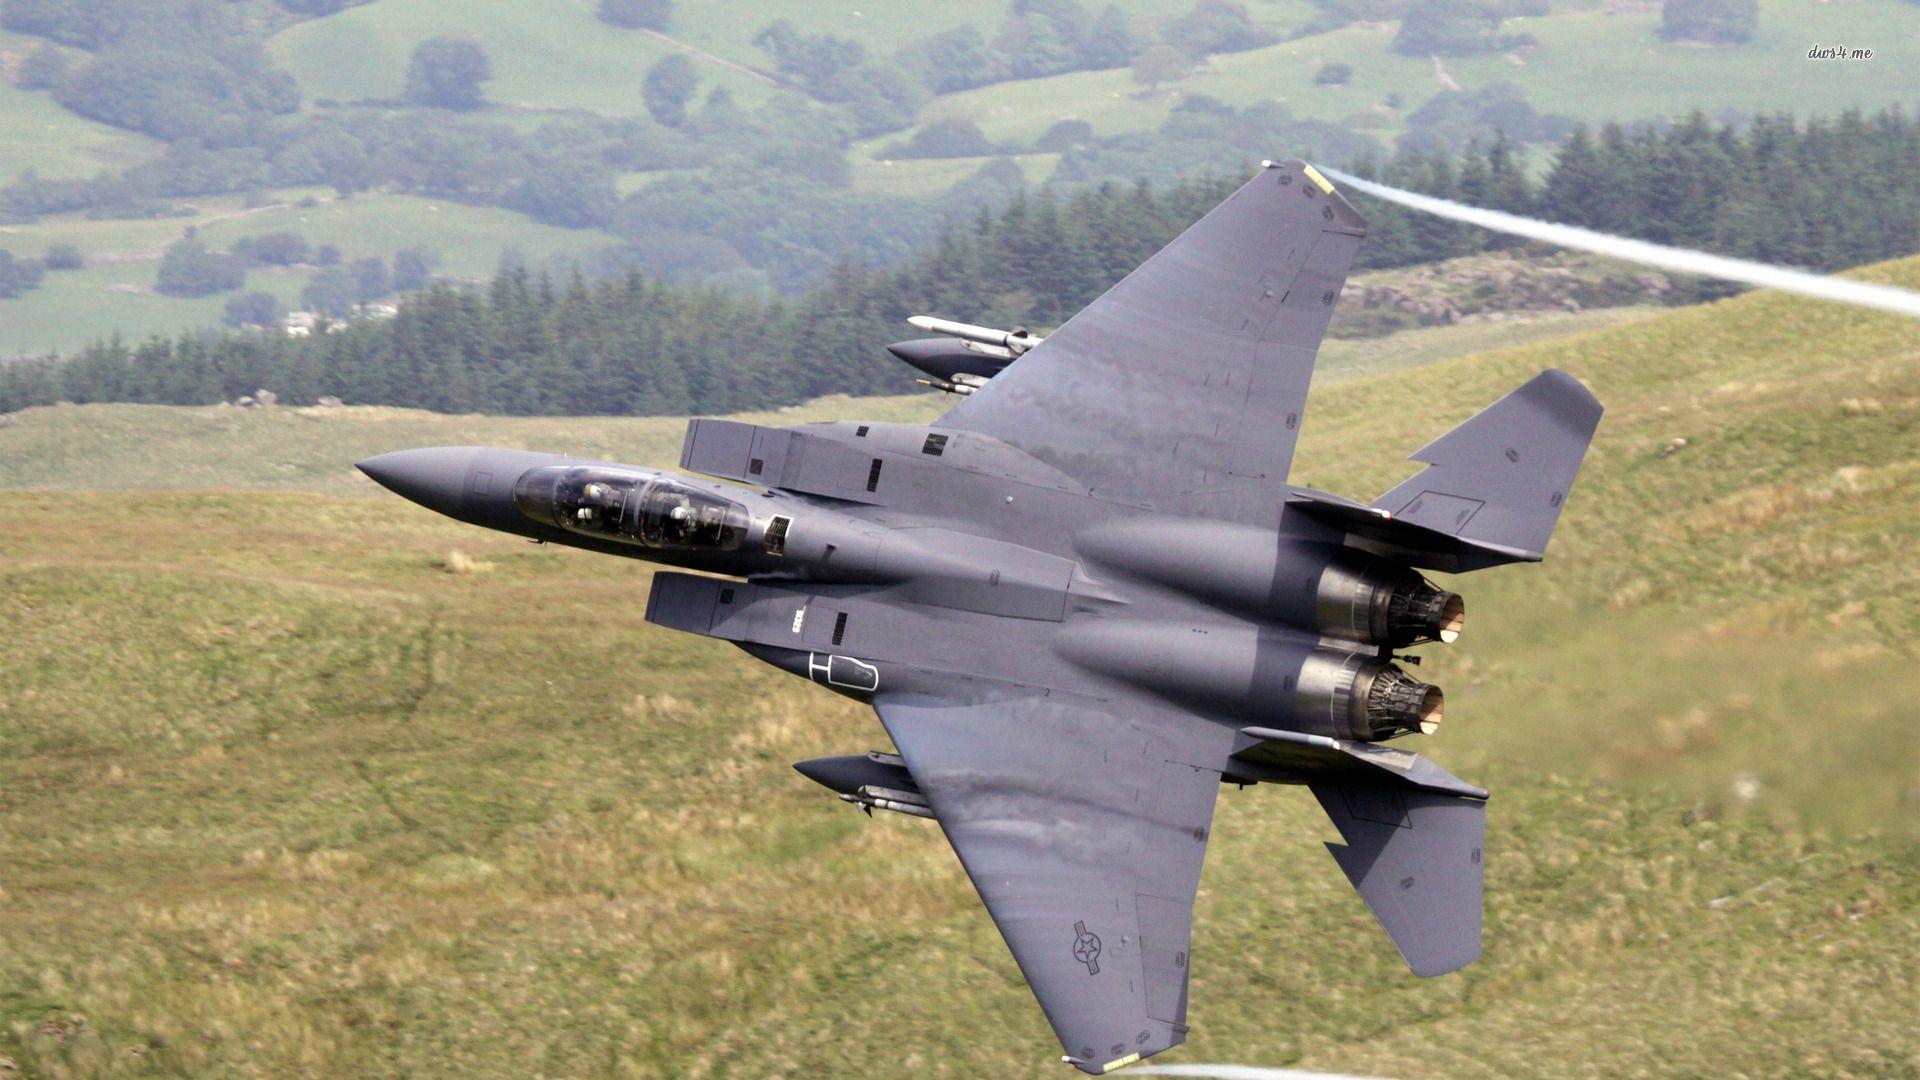 McDonnell Douglas F-15 Eagle HD Images 8   McDonnell Douglas F-15 Eagle HD Images